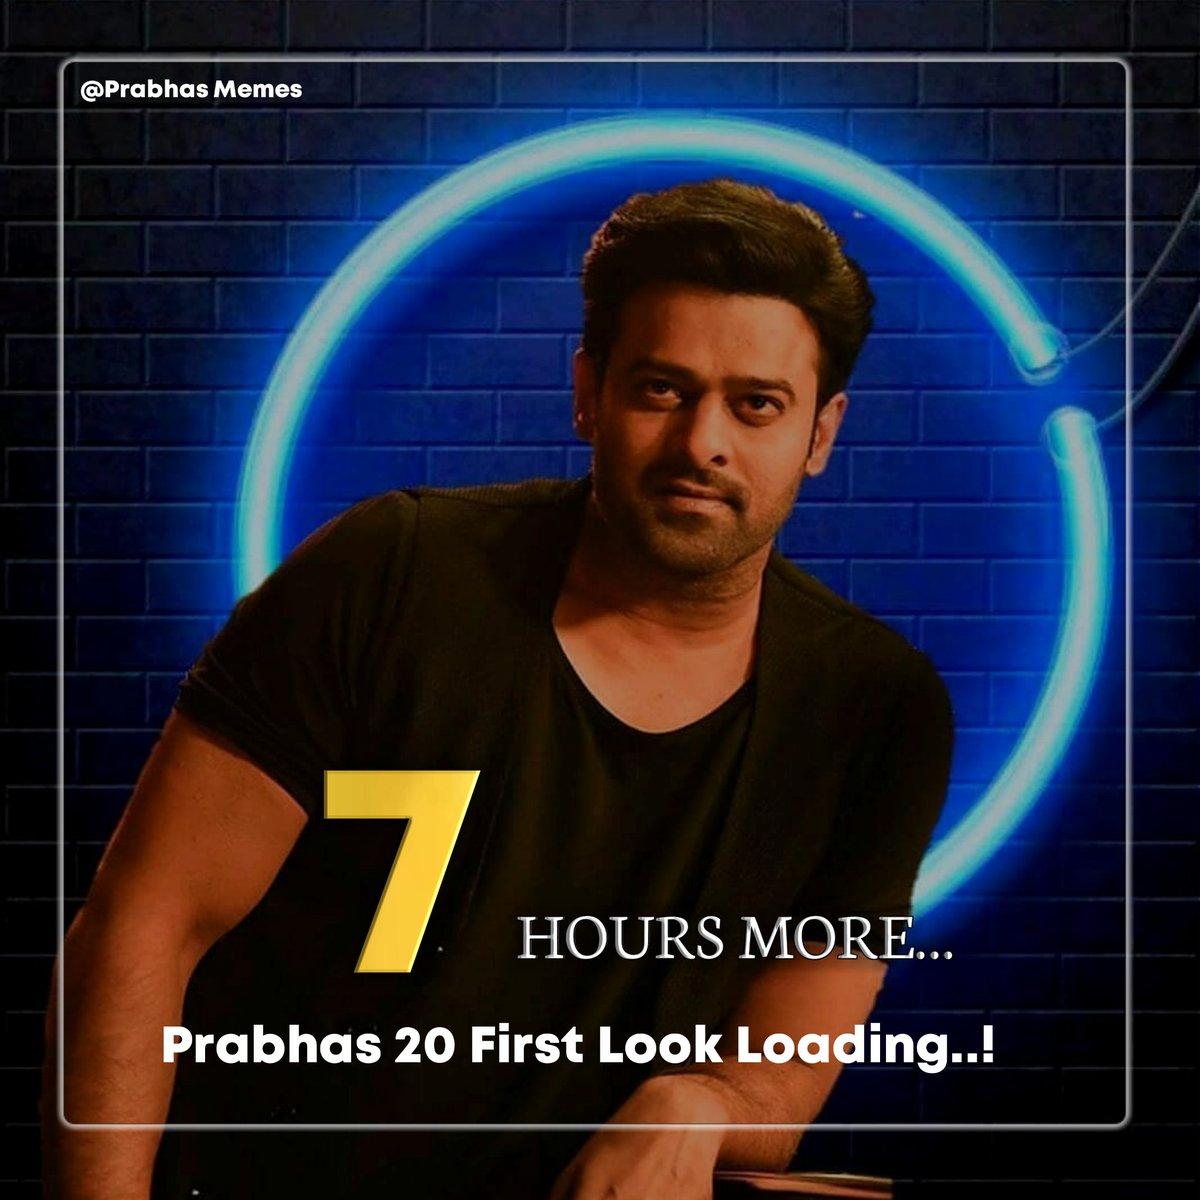 7 hours more  for #Prabhas20FirstLook   #Prabhas #Prabhas20 pic.twitter.com/hoCGpi1hKu